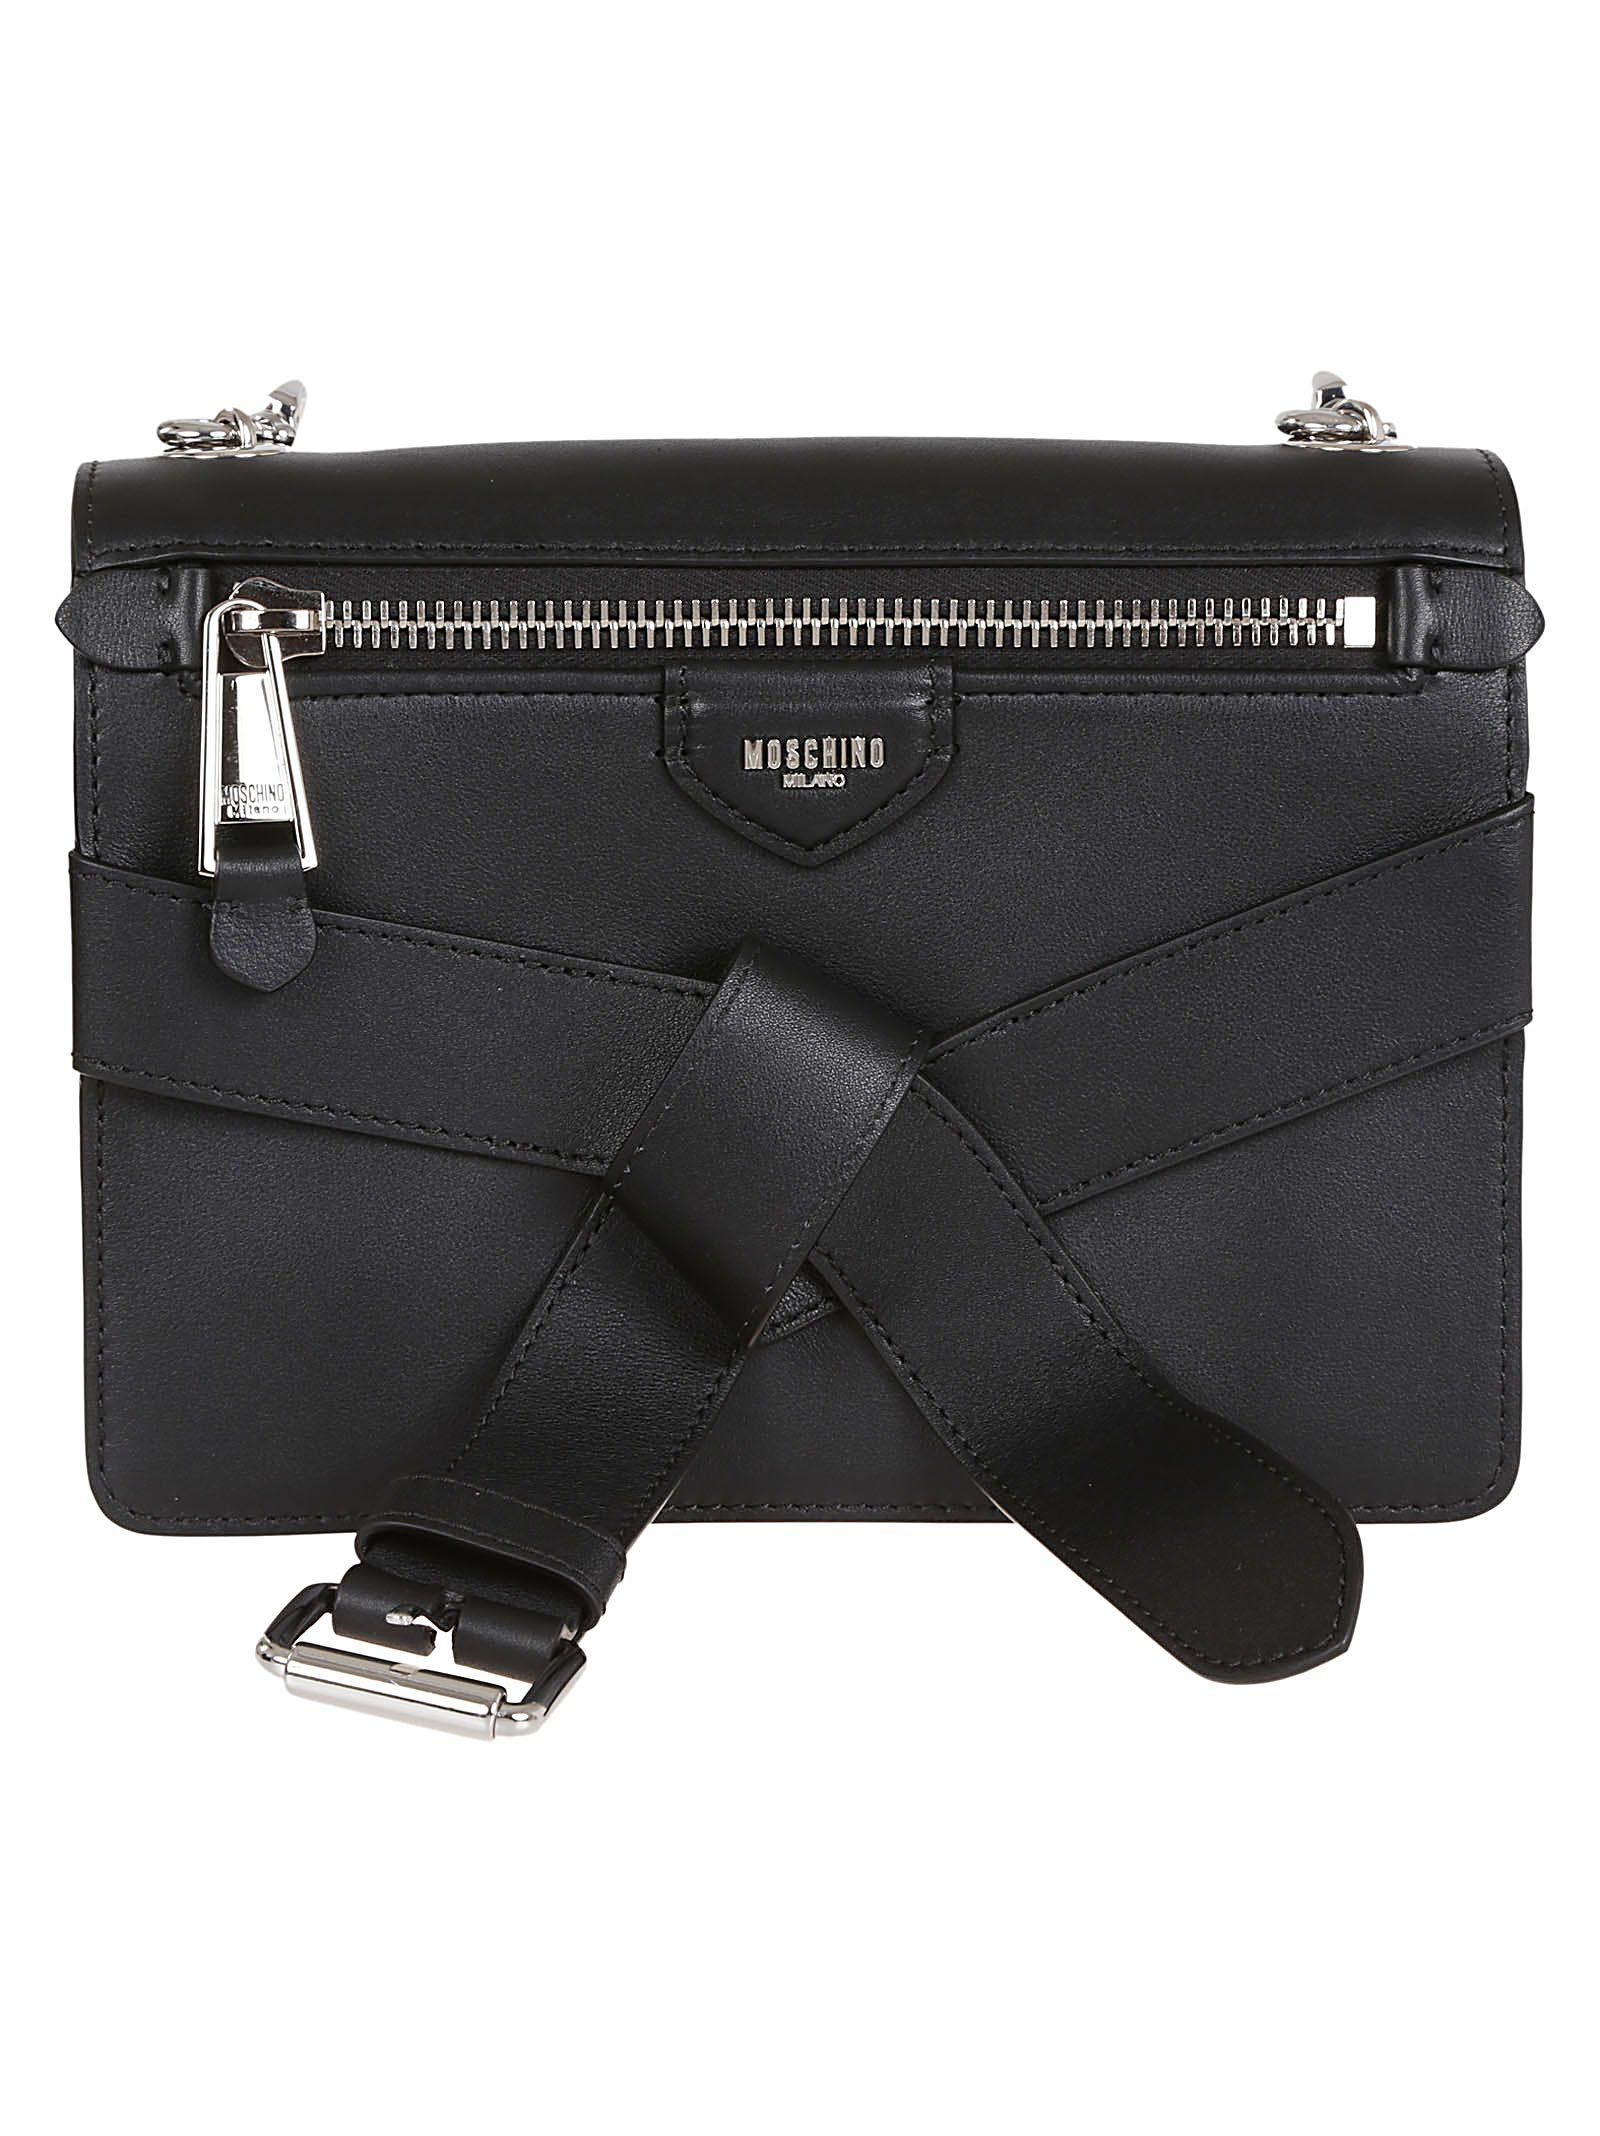 Moschino Bow Bag